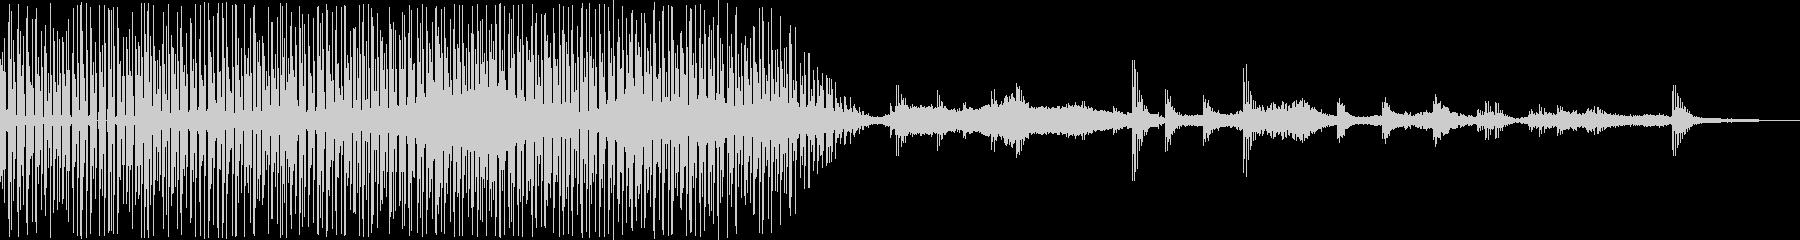 幾何学的な音使い、そして360度に音を…の未再生の波形